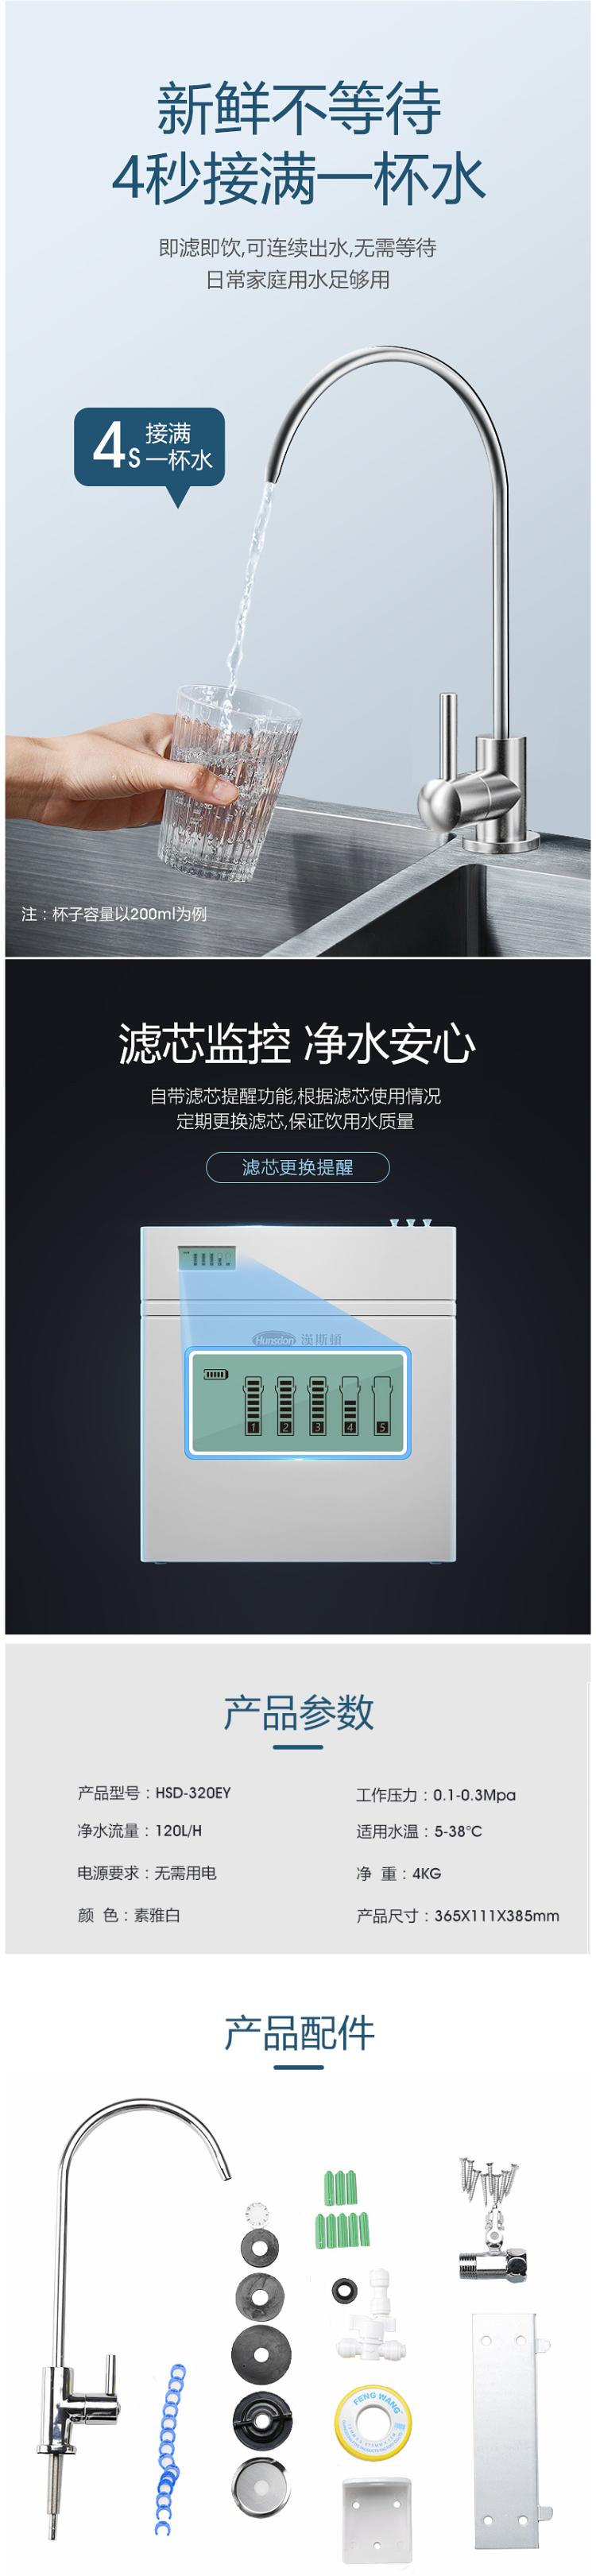 中国净水器十大品牌,德国UF超滤膜:汉斯顿 5级精滤净水器 券后580元包安装,12期免息 买手党-买手聚集的地方